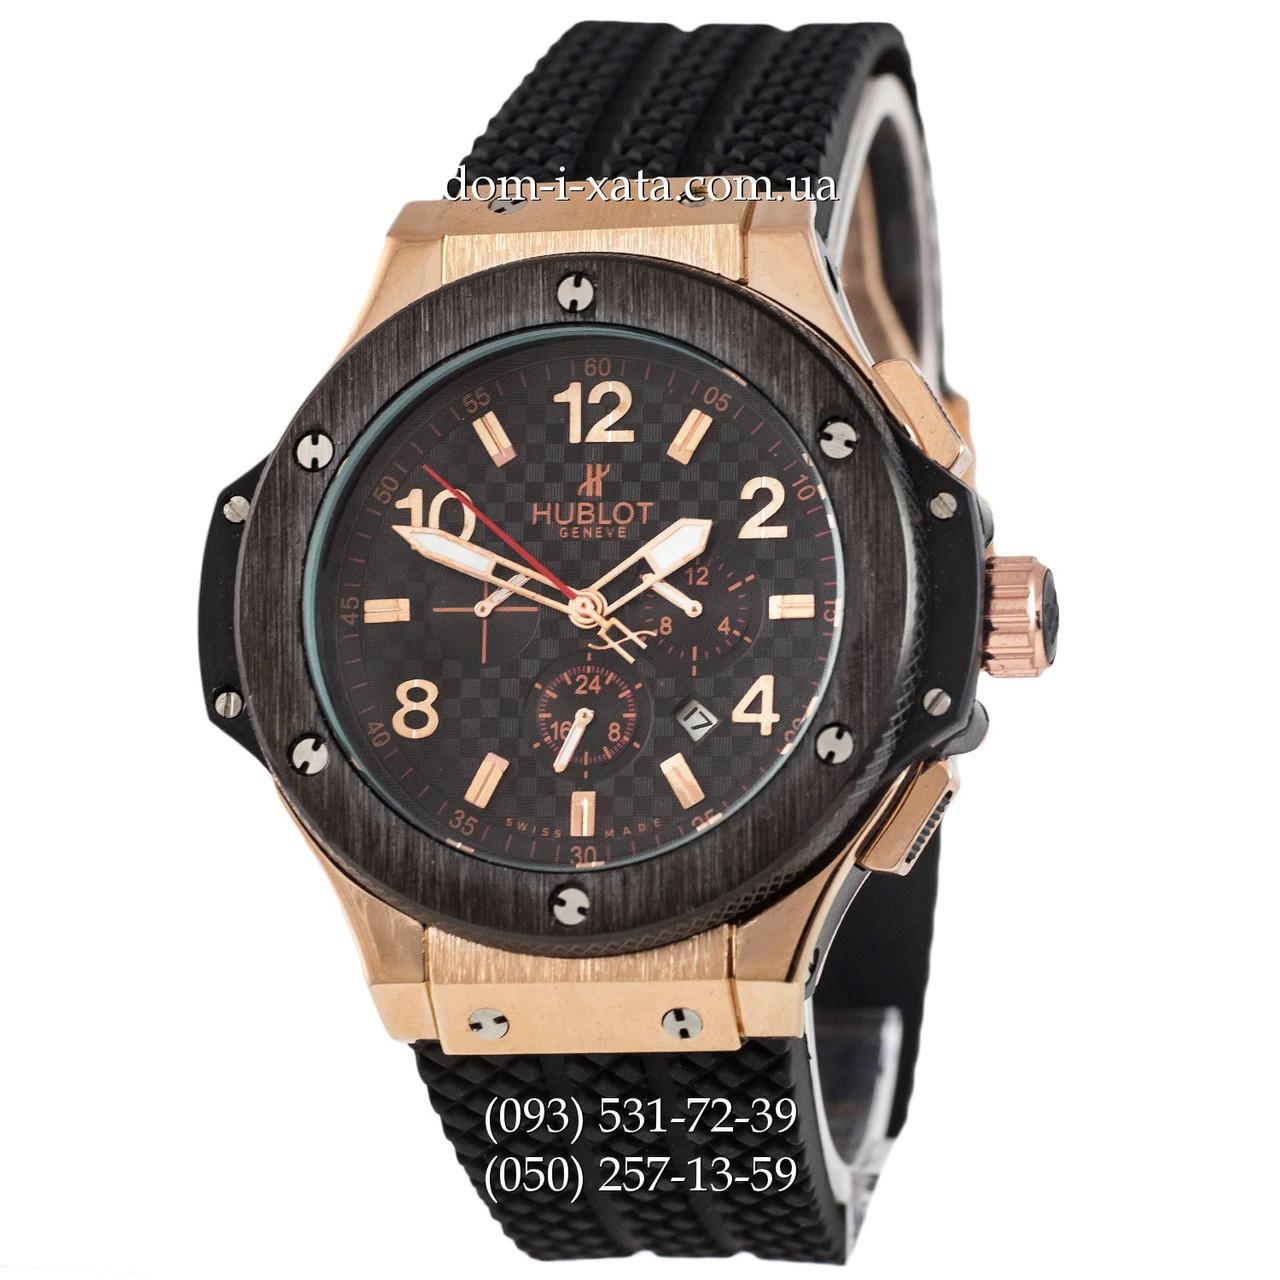 Мужские наручные часы Hublot Big Bang Automatic Black-Gold-Black, механические часы с автоподзаводом Хублот, реплика отличное качество!